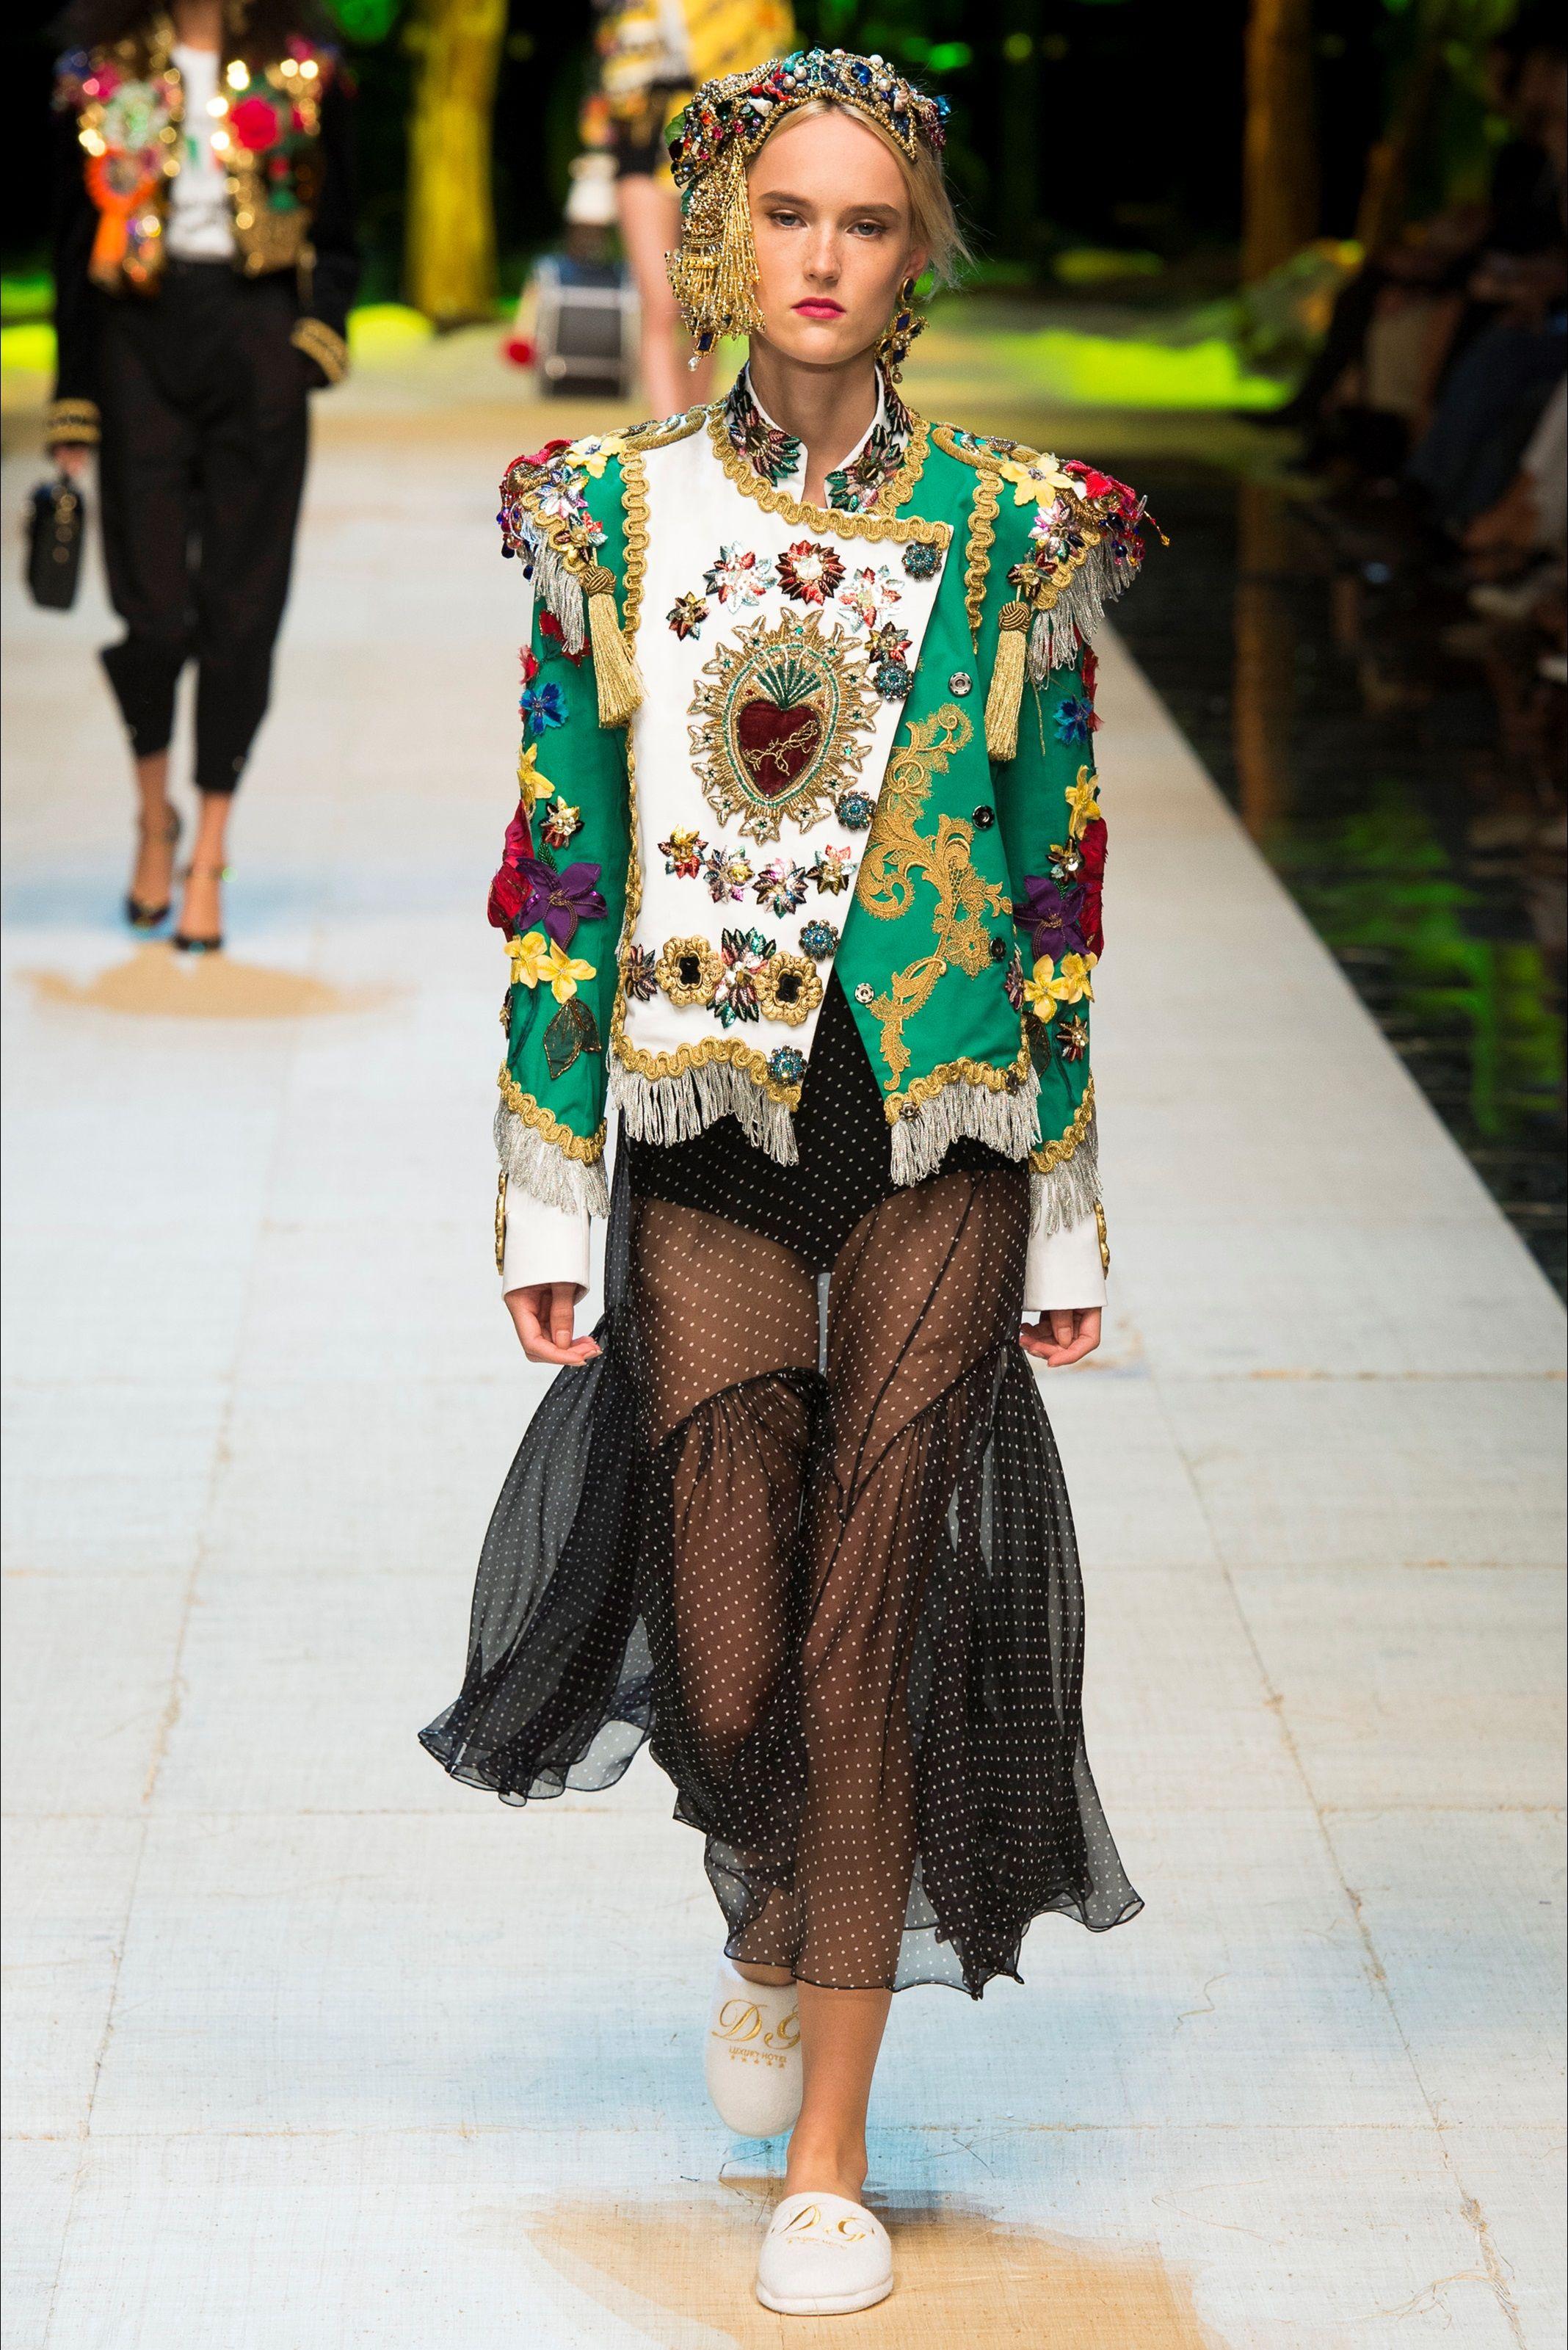 Sfilata Dolce & Gabbana Milano Collezioni Primavera Estate 2017